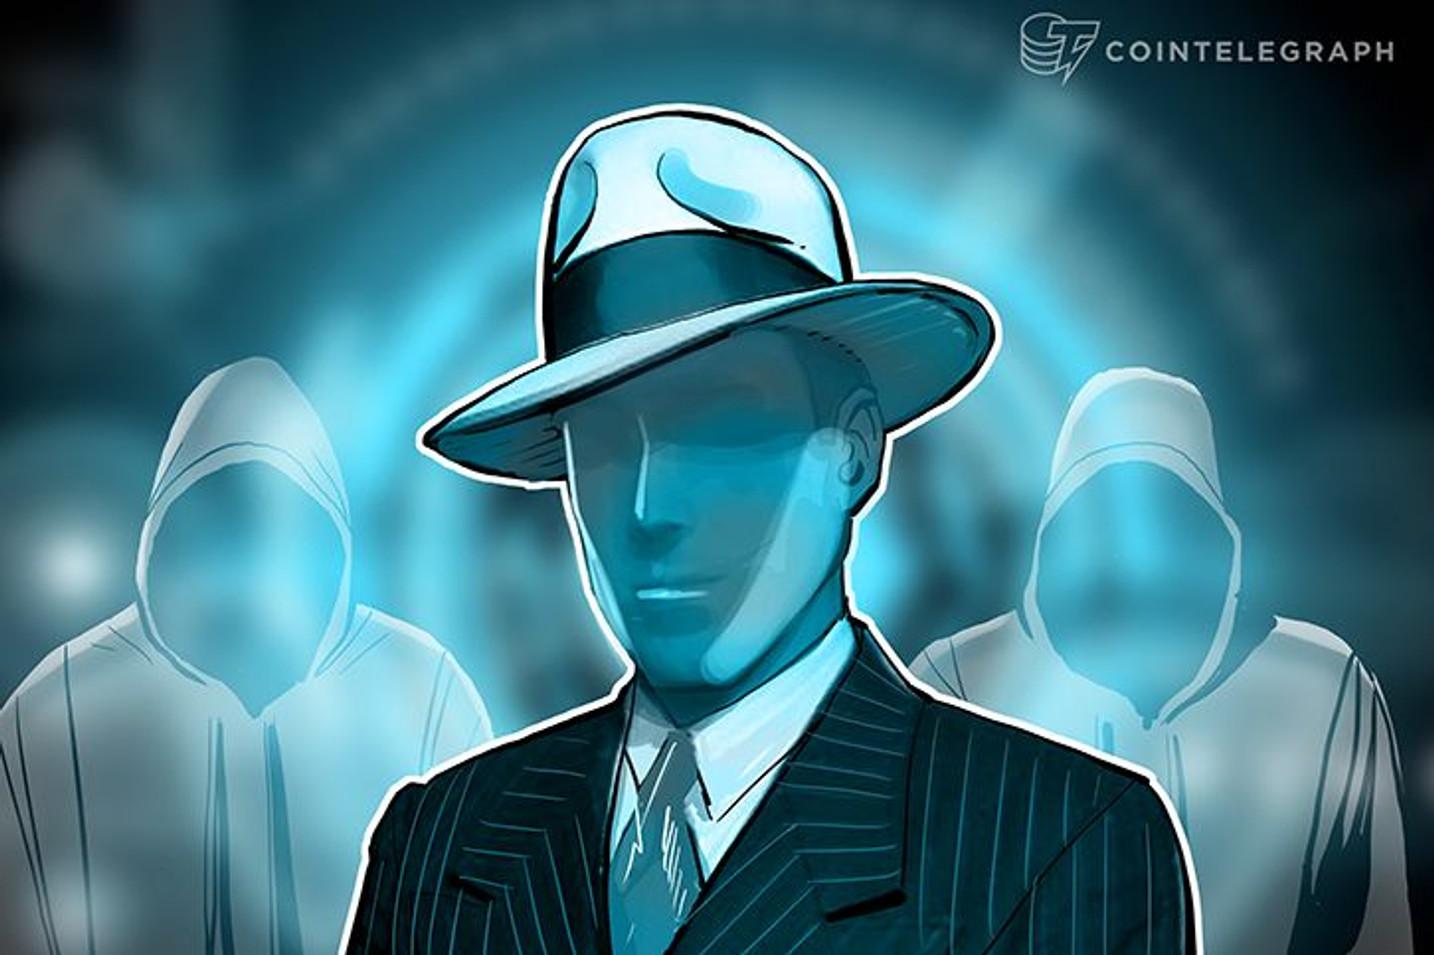 Više od 6,2 miliona dolara u kripto imovini izgubljeno u prevarama i hakovima u Japanu prošle godine